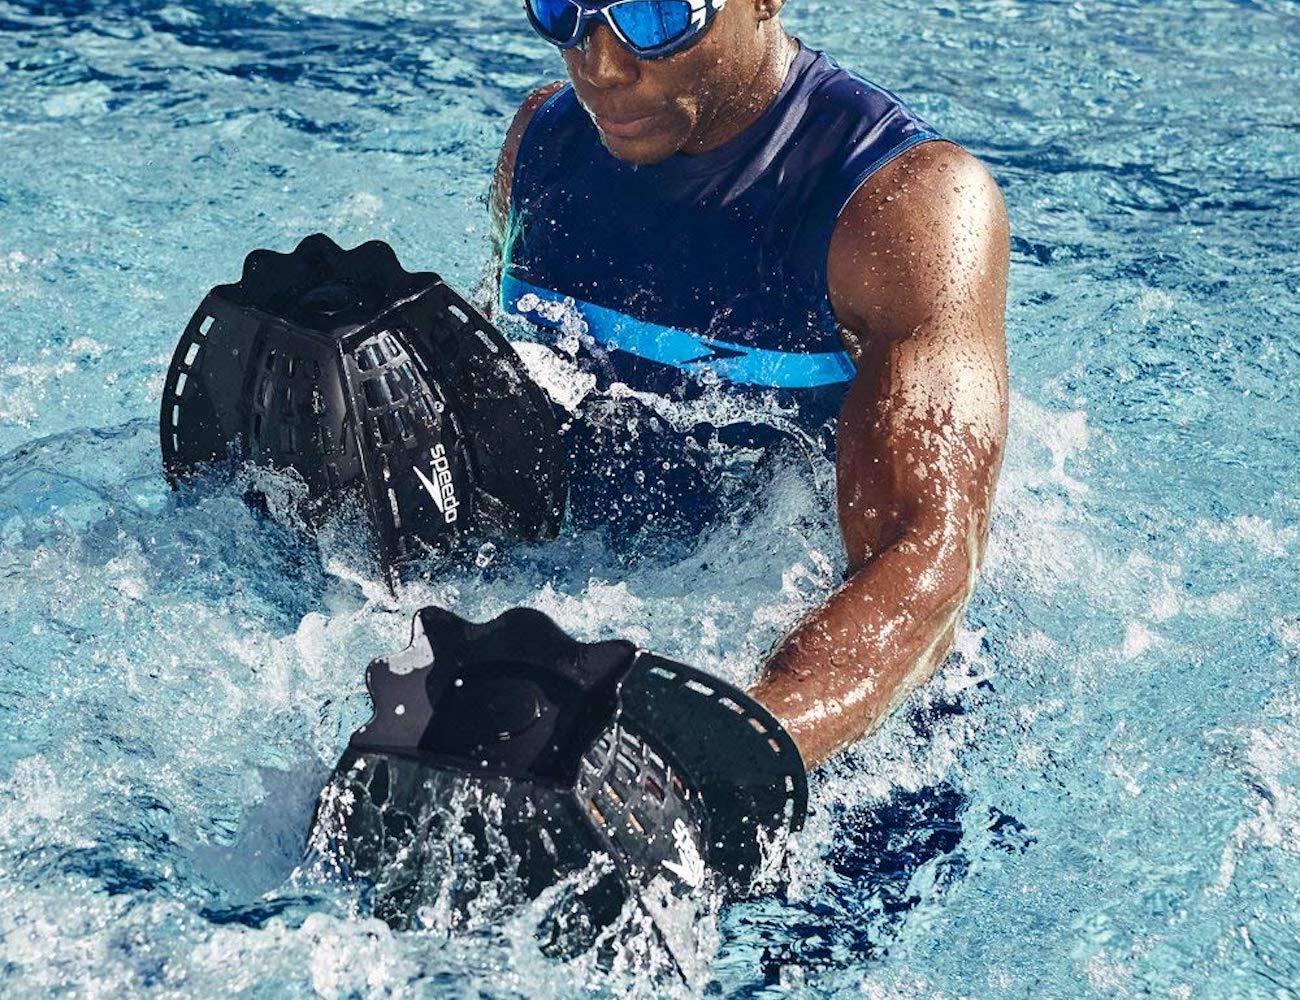 Speedo Hydro Shredders Swim Workout Gear